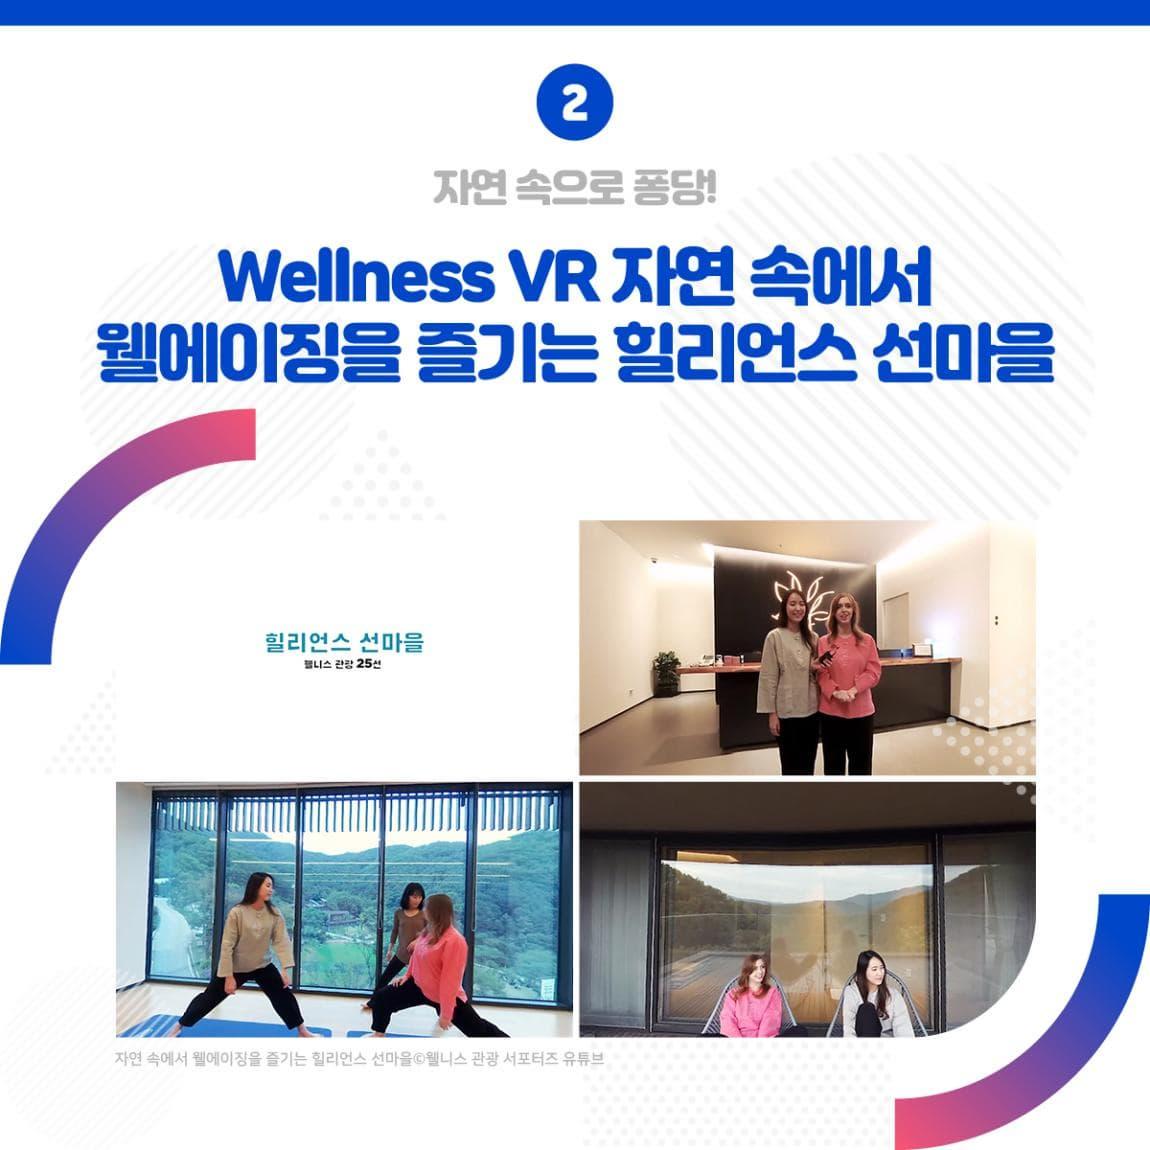 2 자연속으로 풍덩! Wellness VR 자연 속에서 웰에이징을 즐기는 힐리언스 선마을